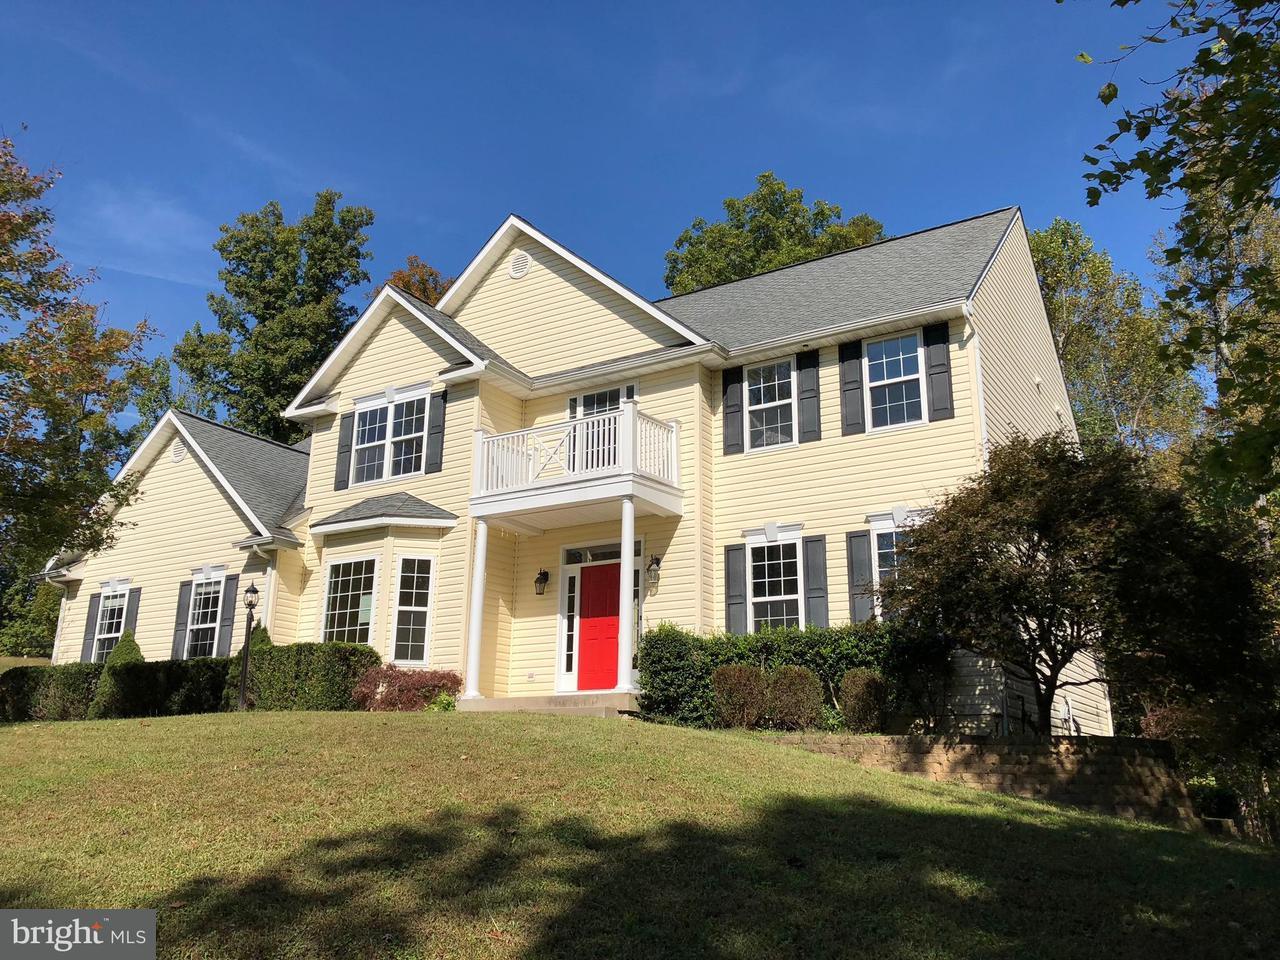 Μονοκατοικία για την Πώληση στο 9049 WORMAN Drive 9049 WORMAN Drive King George, Βιρτζινια 22485 Ηνωμενεσ Πολιτειεσ